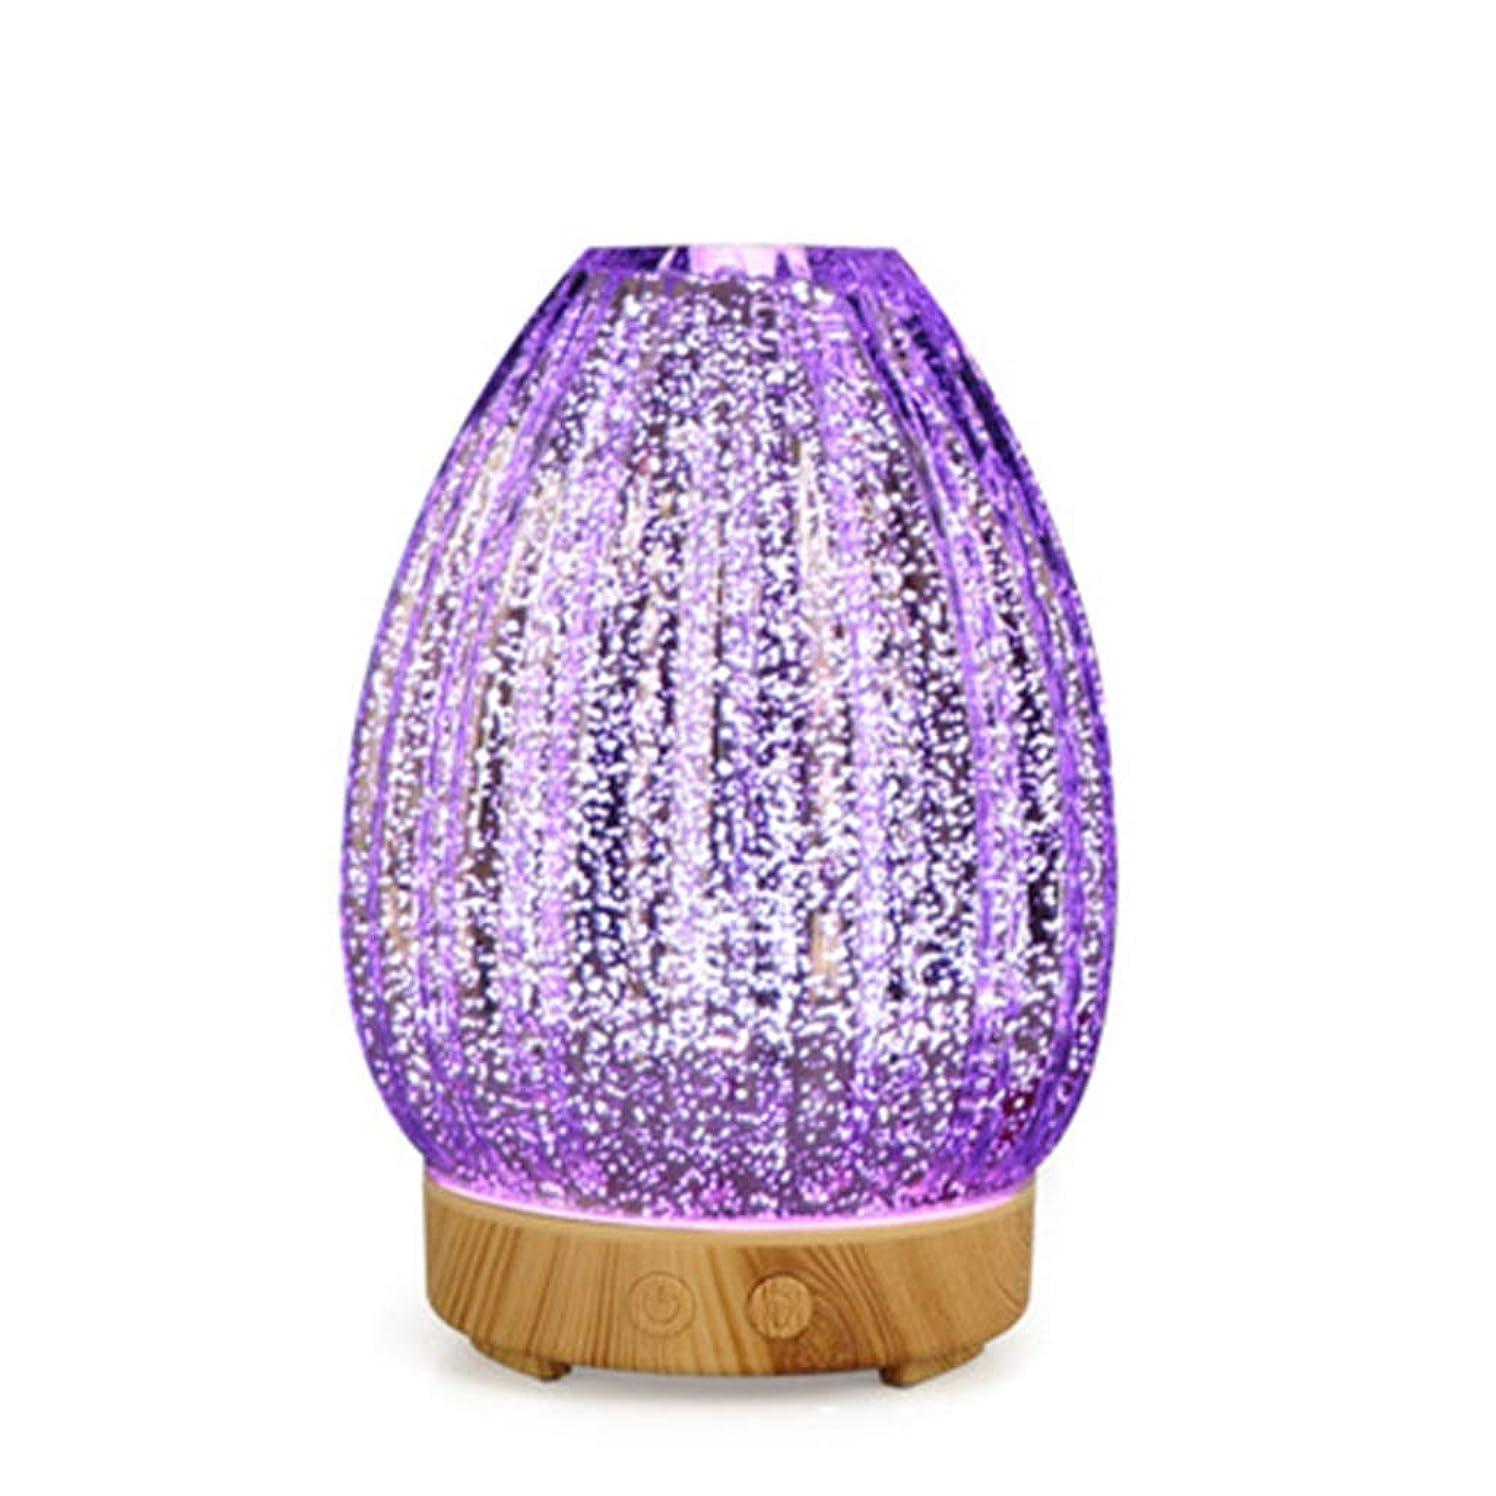 巻き取り水没意志クールミスト空気加湿器、ウォーターフリーオートクローズ、7 LEDカラー変更ライト付き、寝室のベビーレディの家の装飾に適して (Color : Light wood grain)